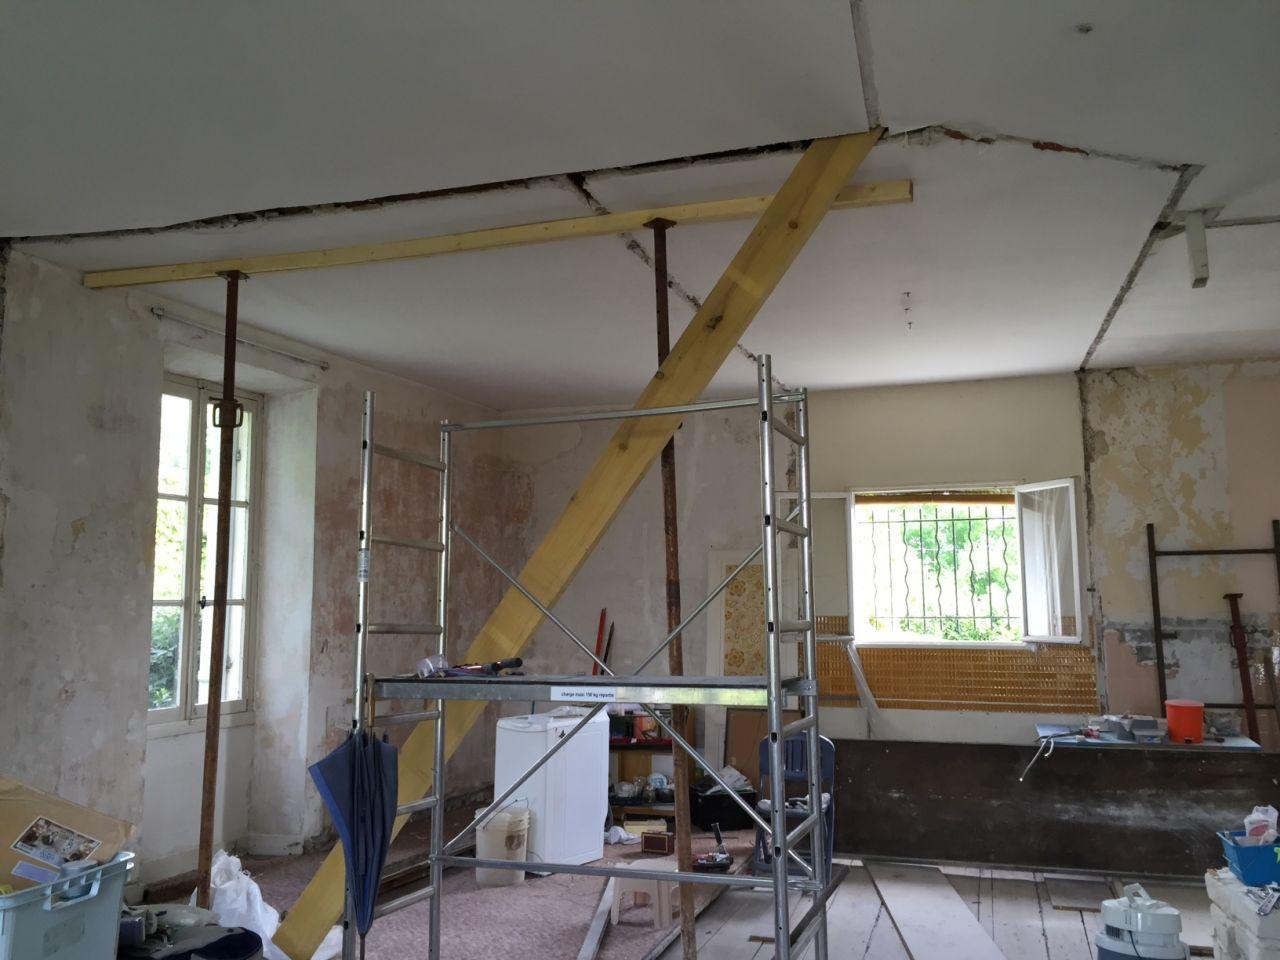 Une partie des murs intérieurs soutenaient le plafond en lattis. <br /> Opération re-suspension du plafond ! <br /> Heureusement, la charpente, elle, repose exclusivement sur les murs extérieurs.